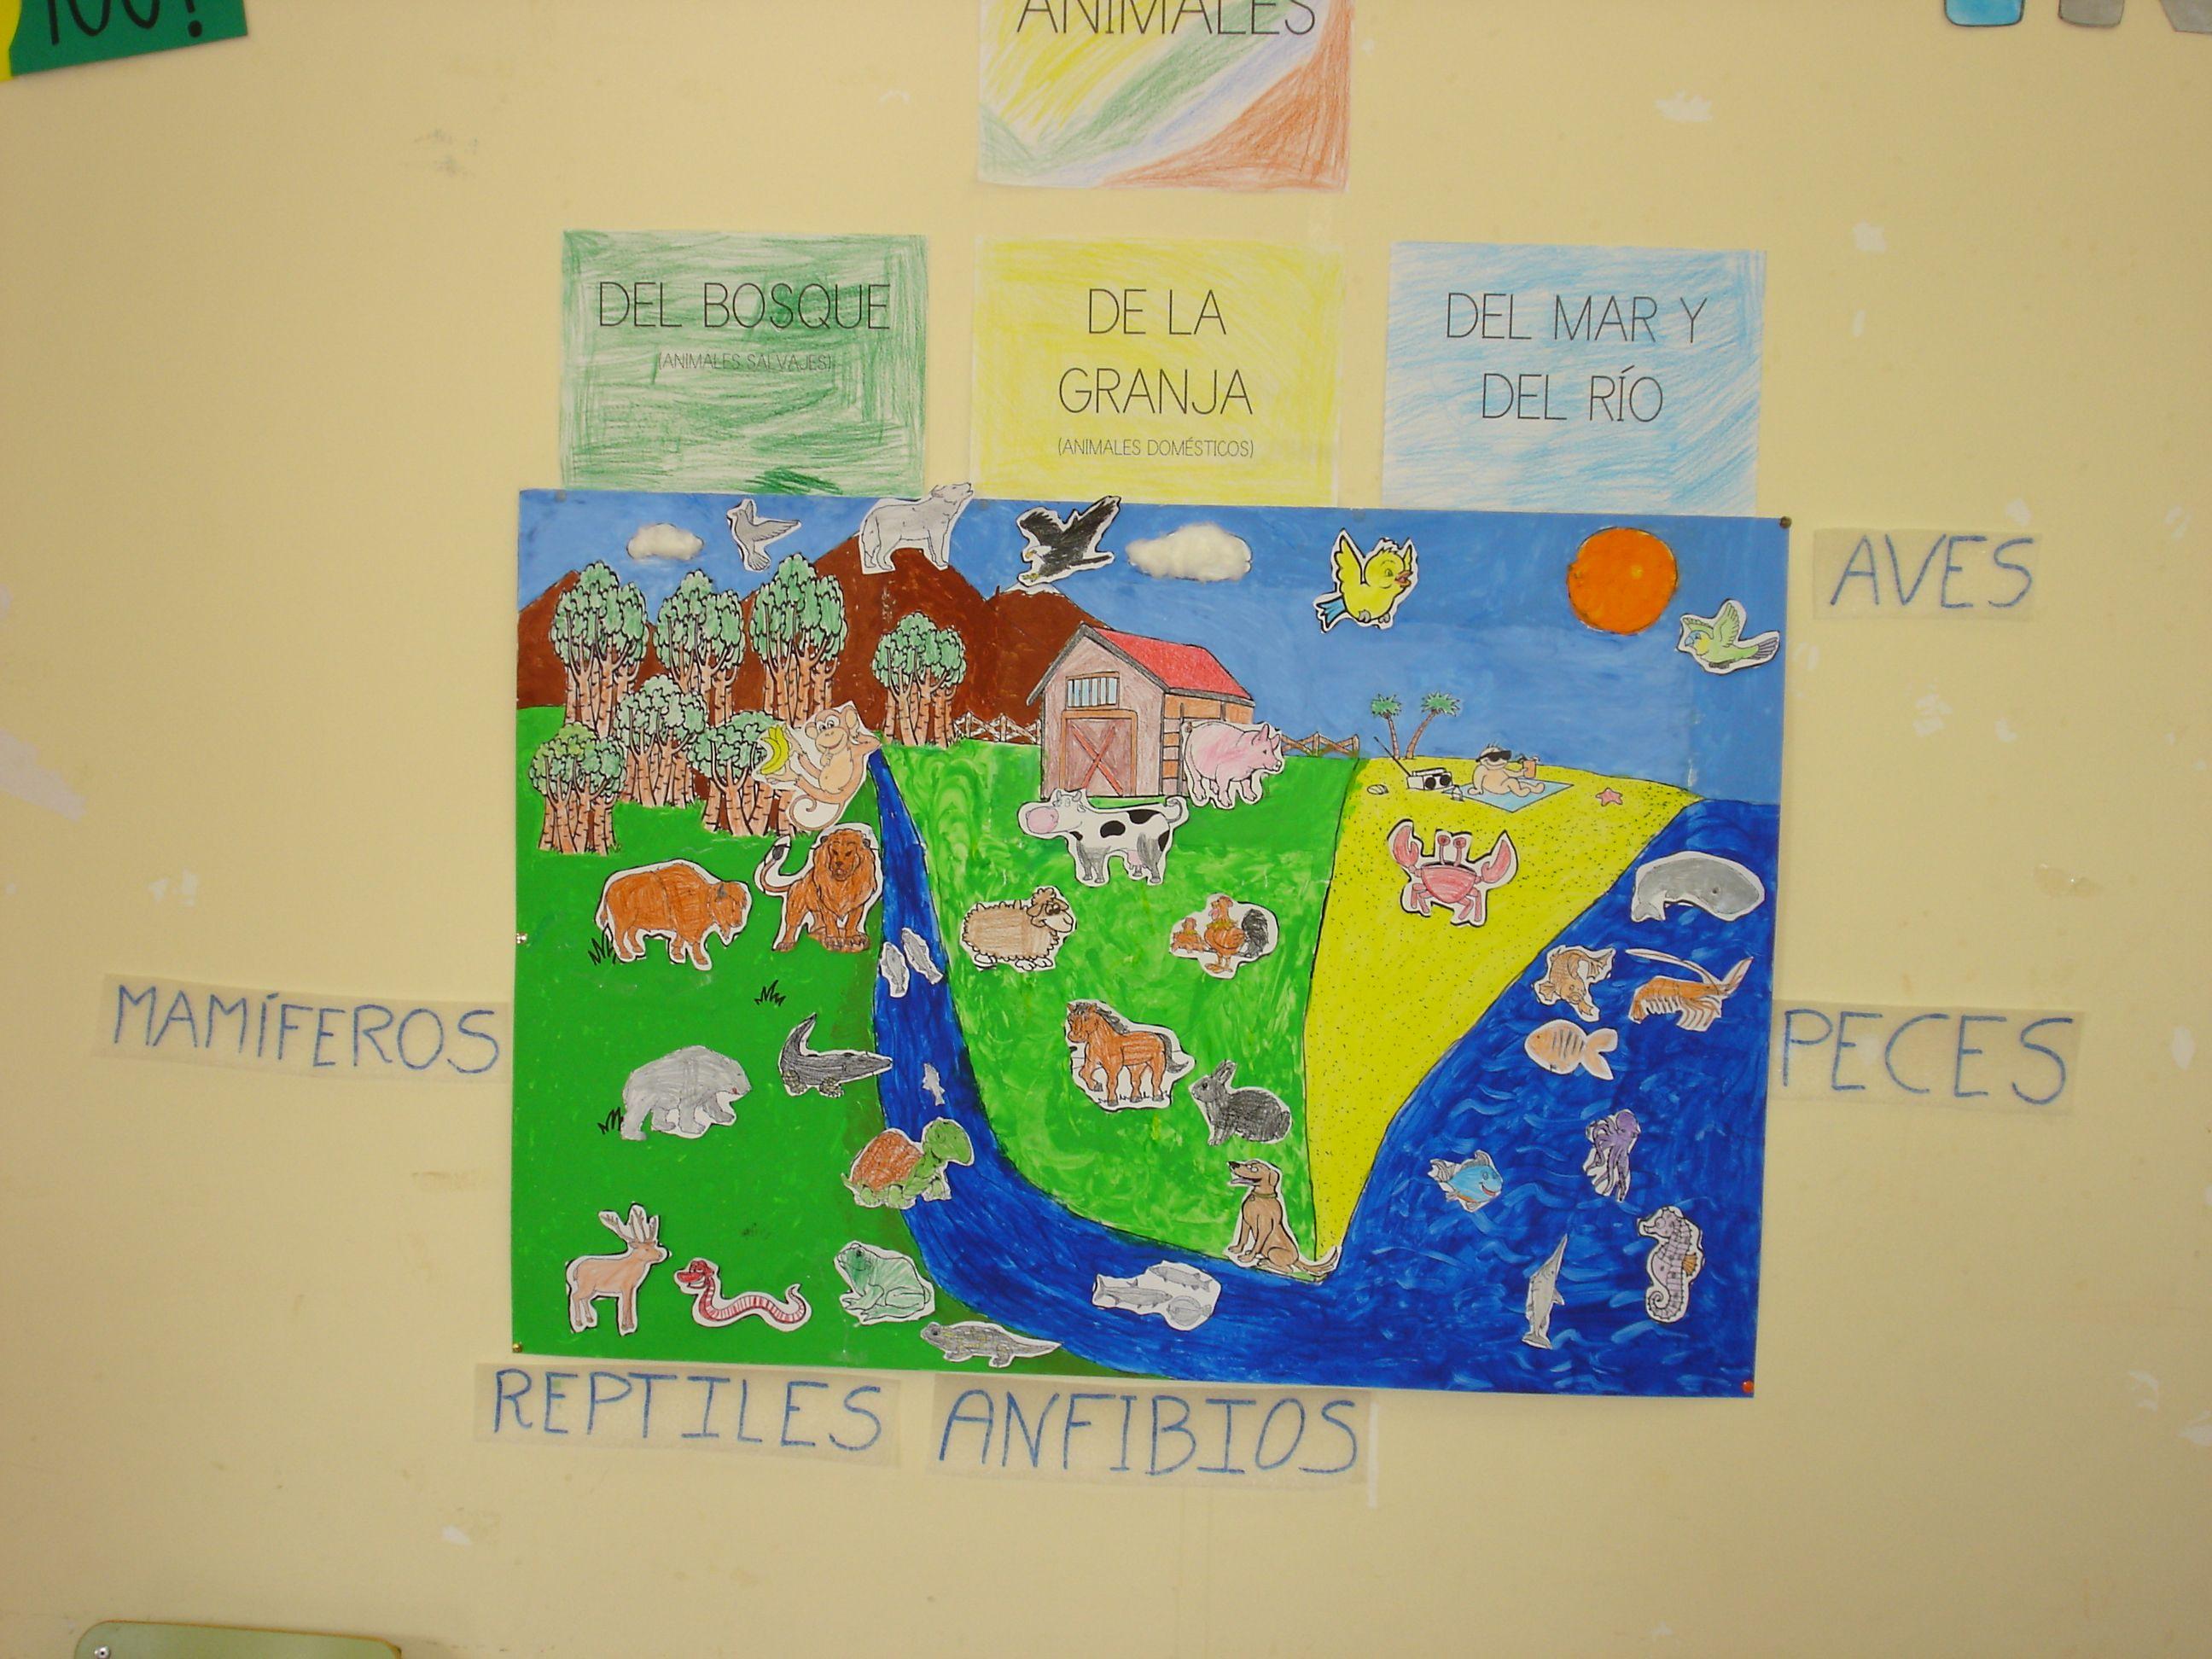 Mural Clasificacion De Animales Vertebrados De Granja Mar Rio Y